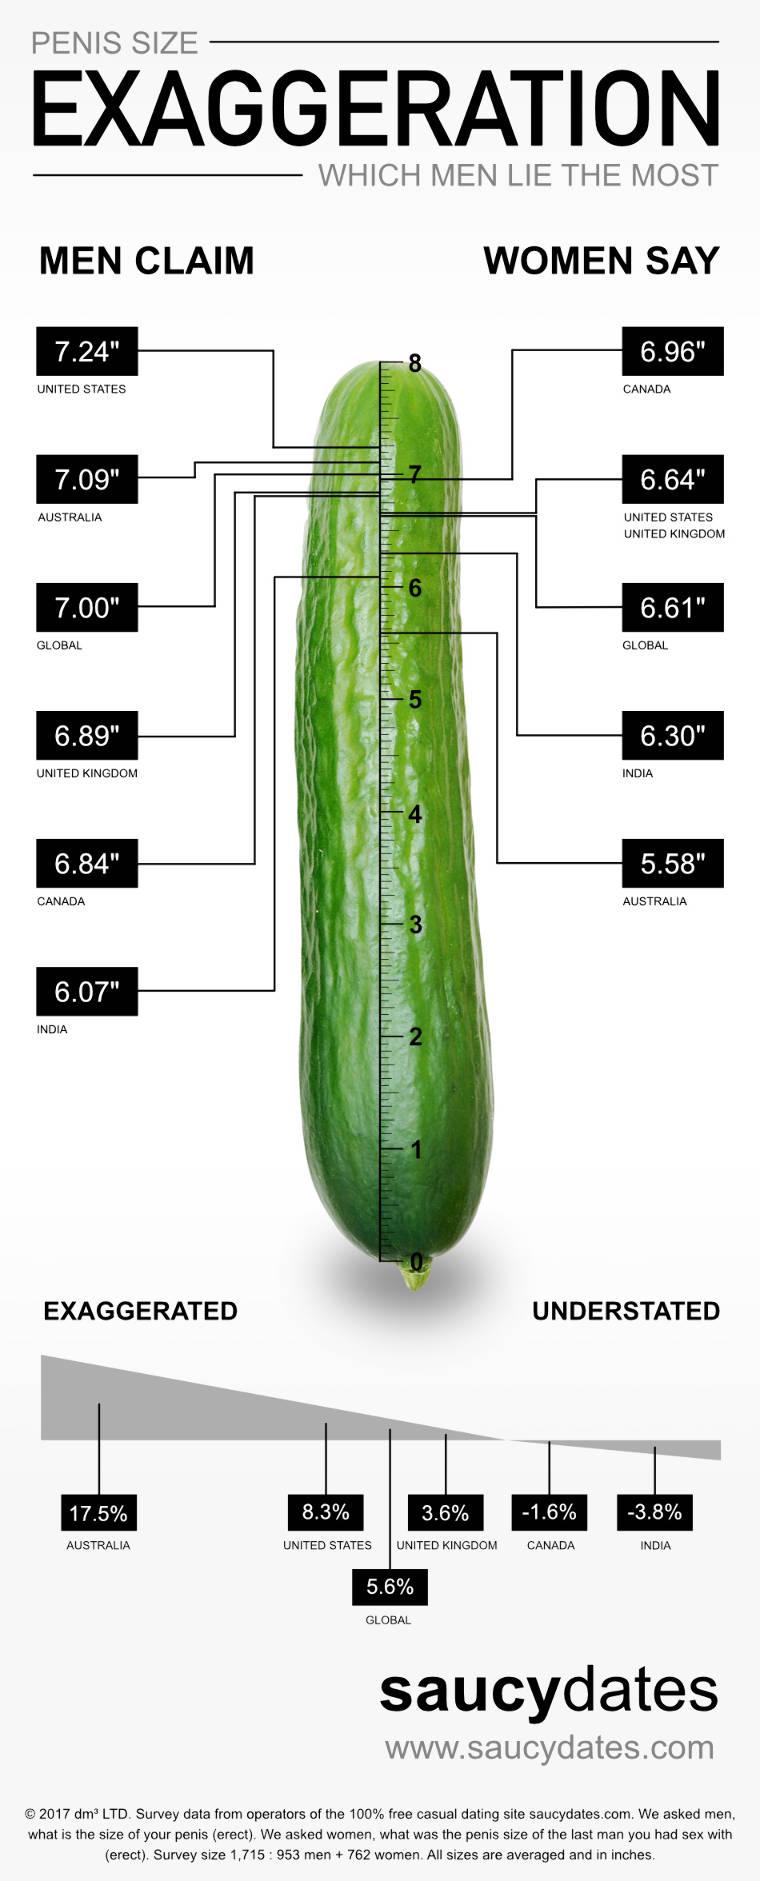 Az óvszernél márpedig számít a méret. De beszéljünk arról, hogy miért ódzkodunk a használatától